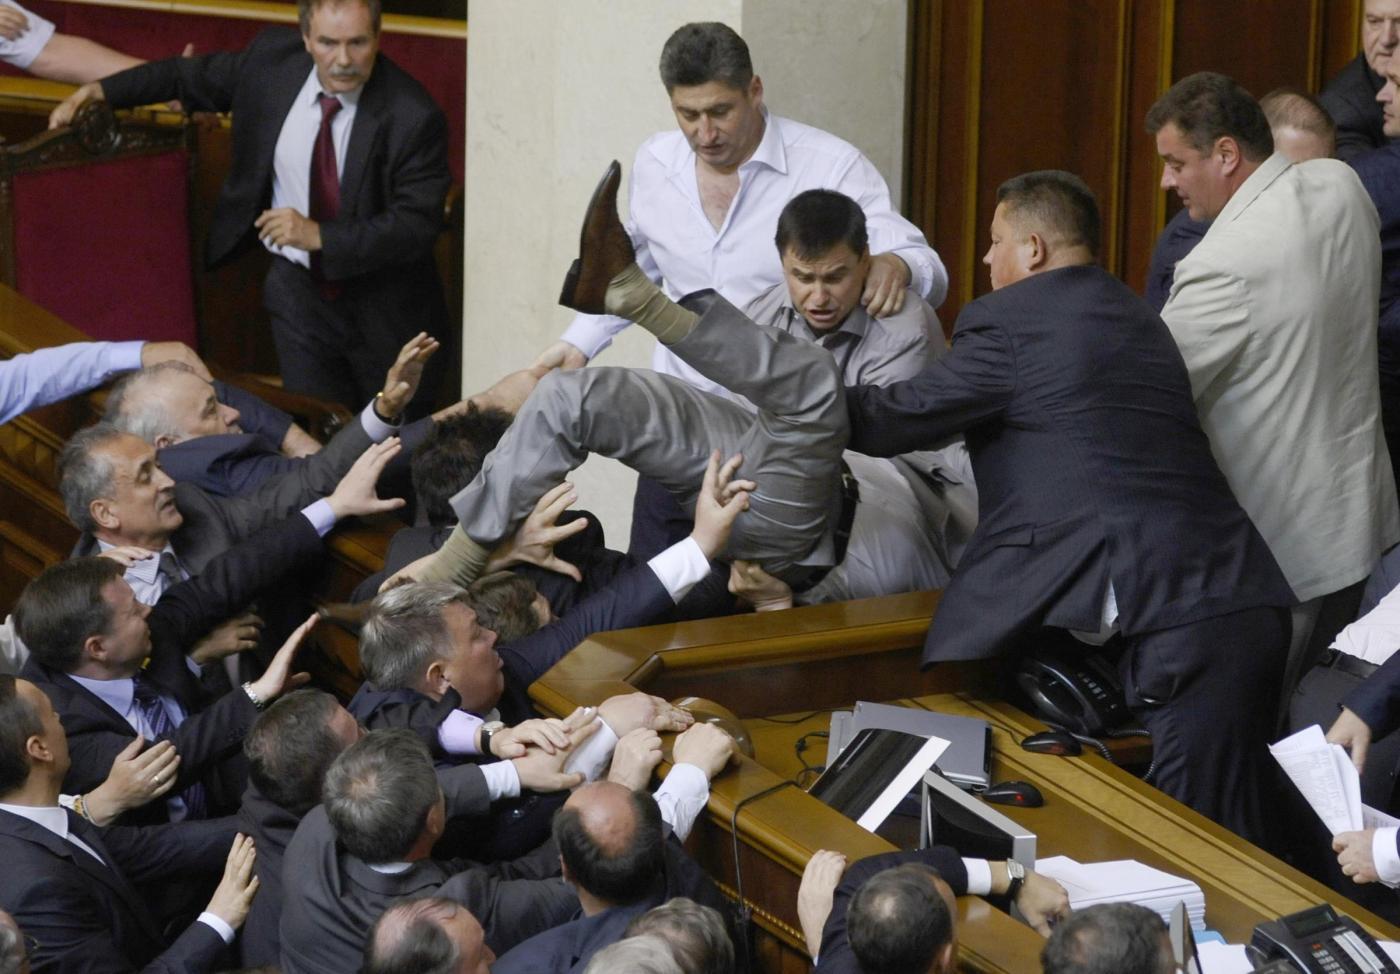 Botte da orbi al parlamento ucraino un deputato ferito for Parlamento ieri